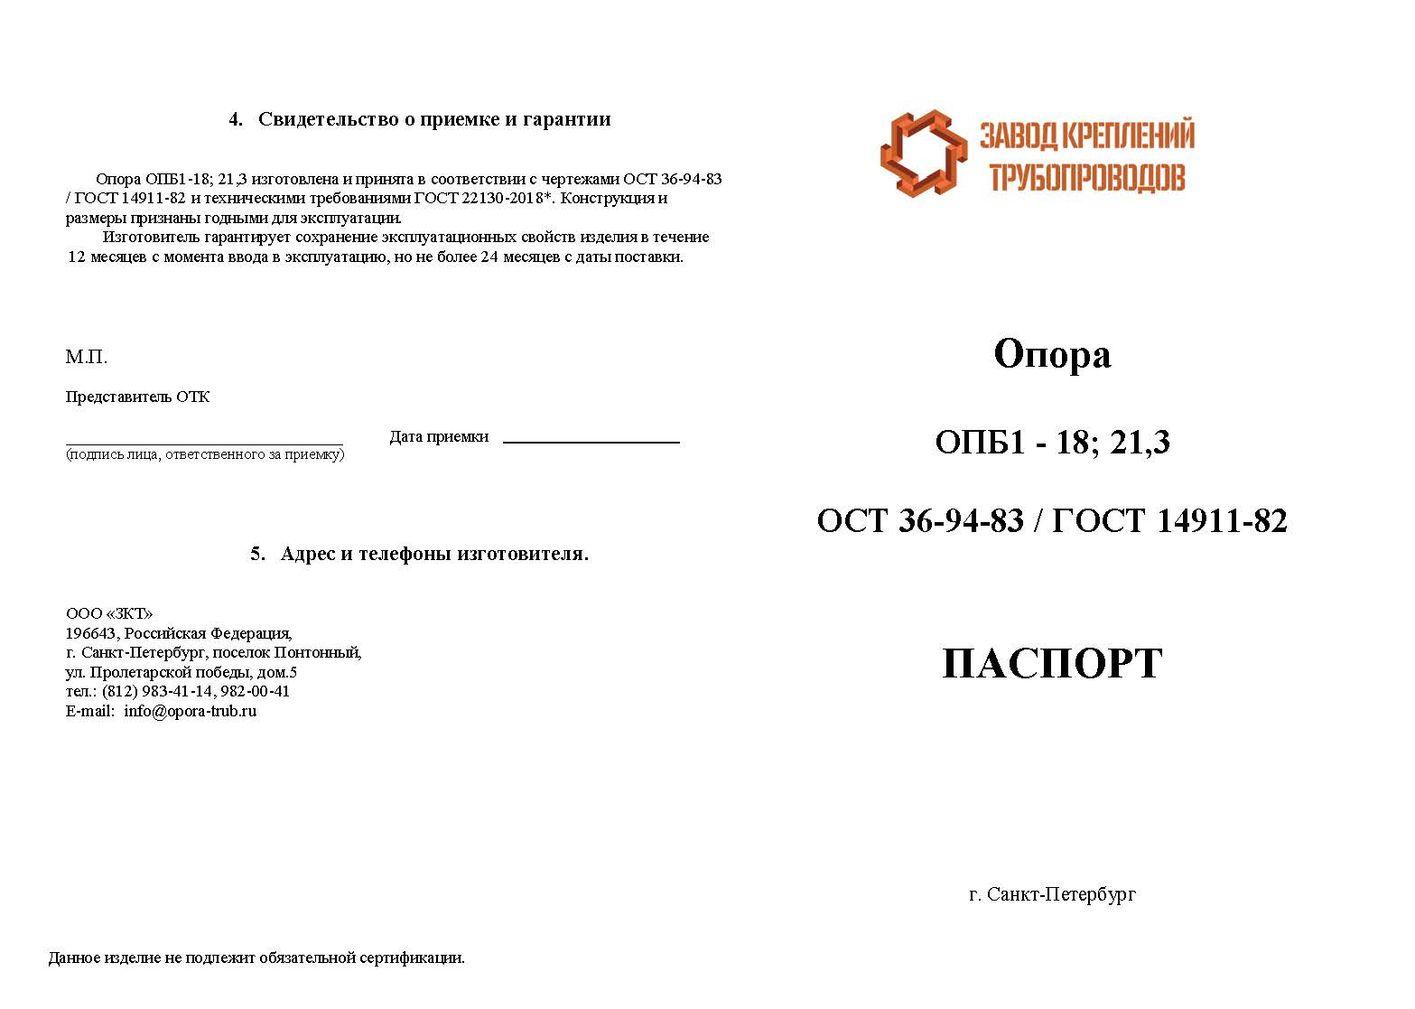 Паспорт Опора ОПБ1-18; 21,3 ОСТ 36-94-83; ГОСТ 14911-82 стр.1